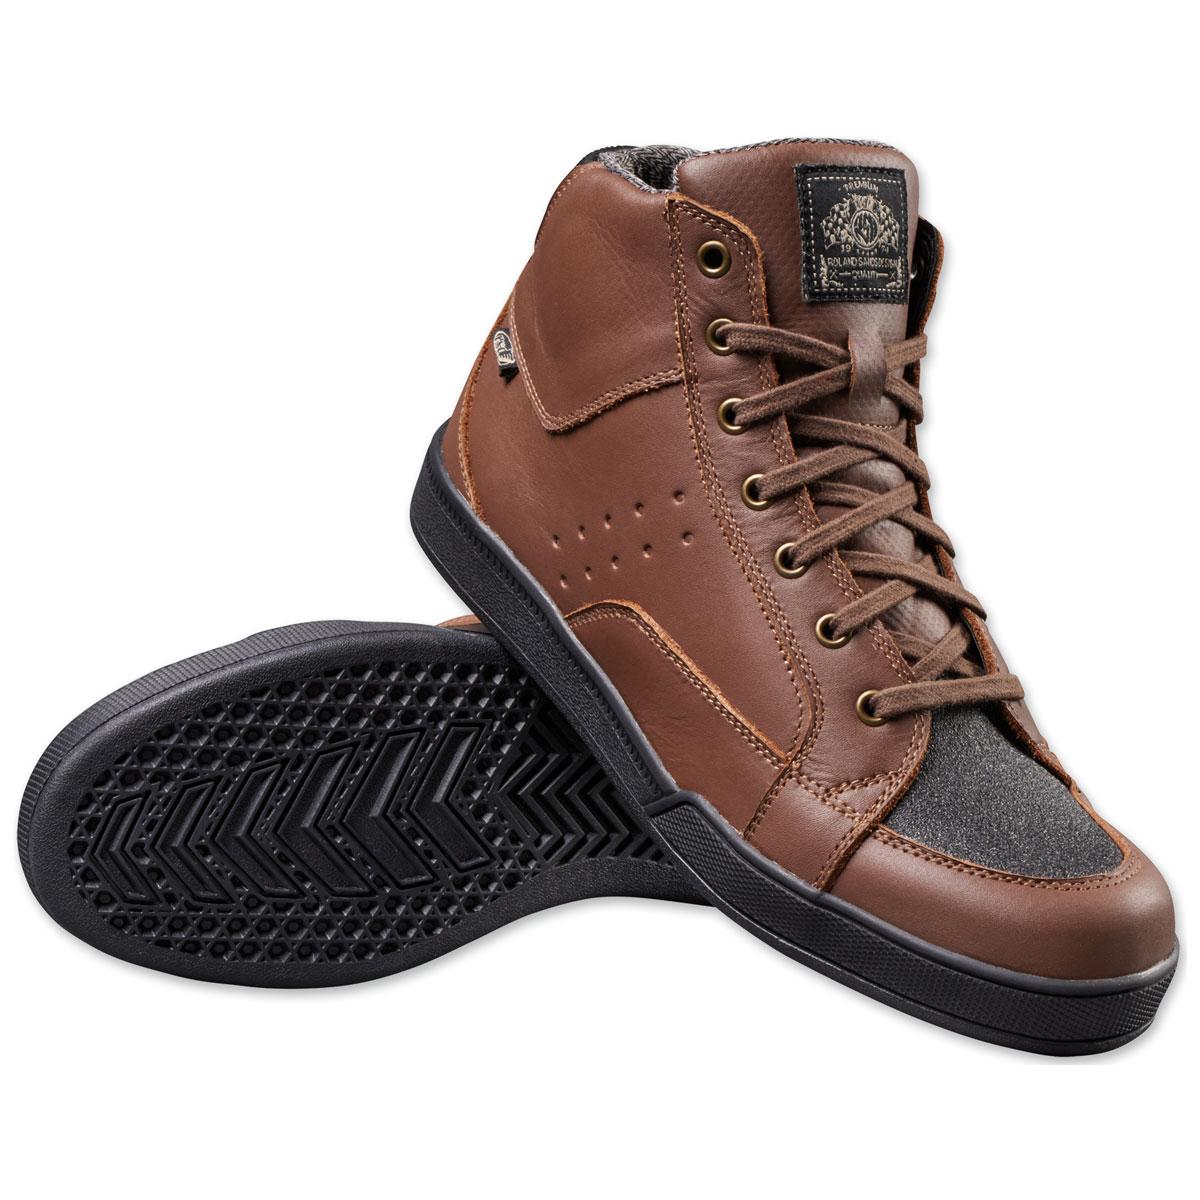 666df0eebbb3 Roland Sands Design Apparel Men s Fresno Tobacco Shoes - RD8706 ...